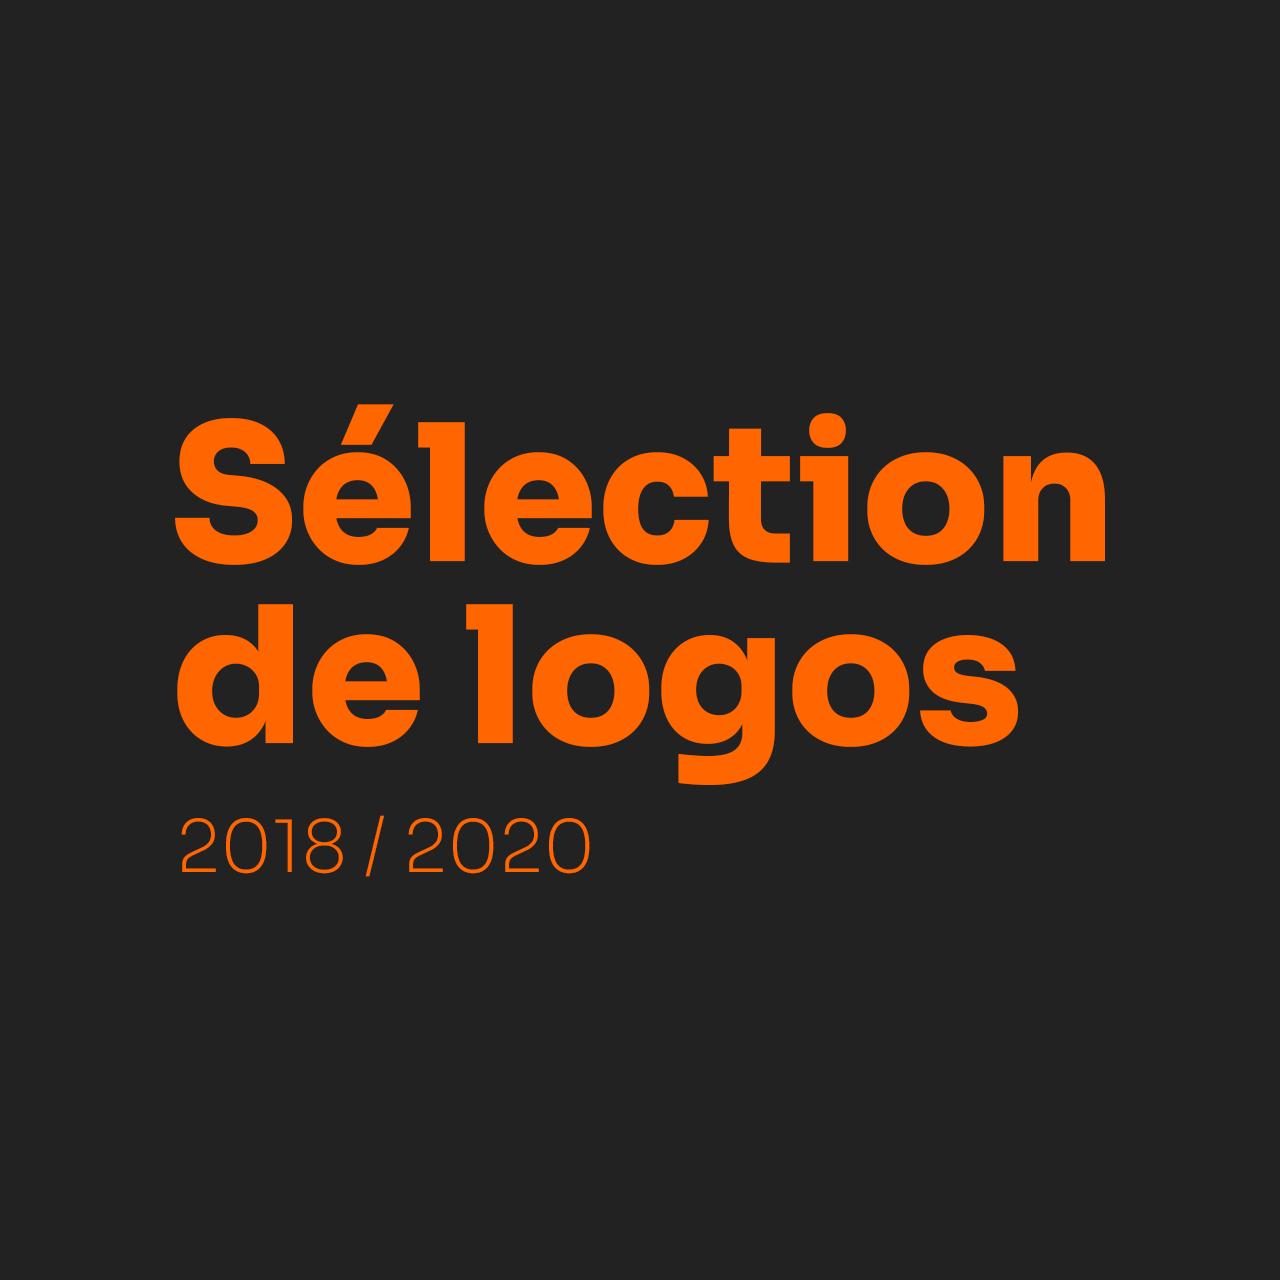 Découvrez une sélection de logo créé entre 2018 et 2020